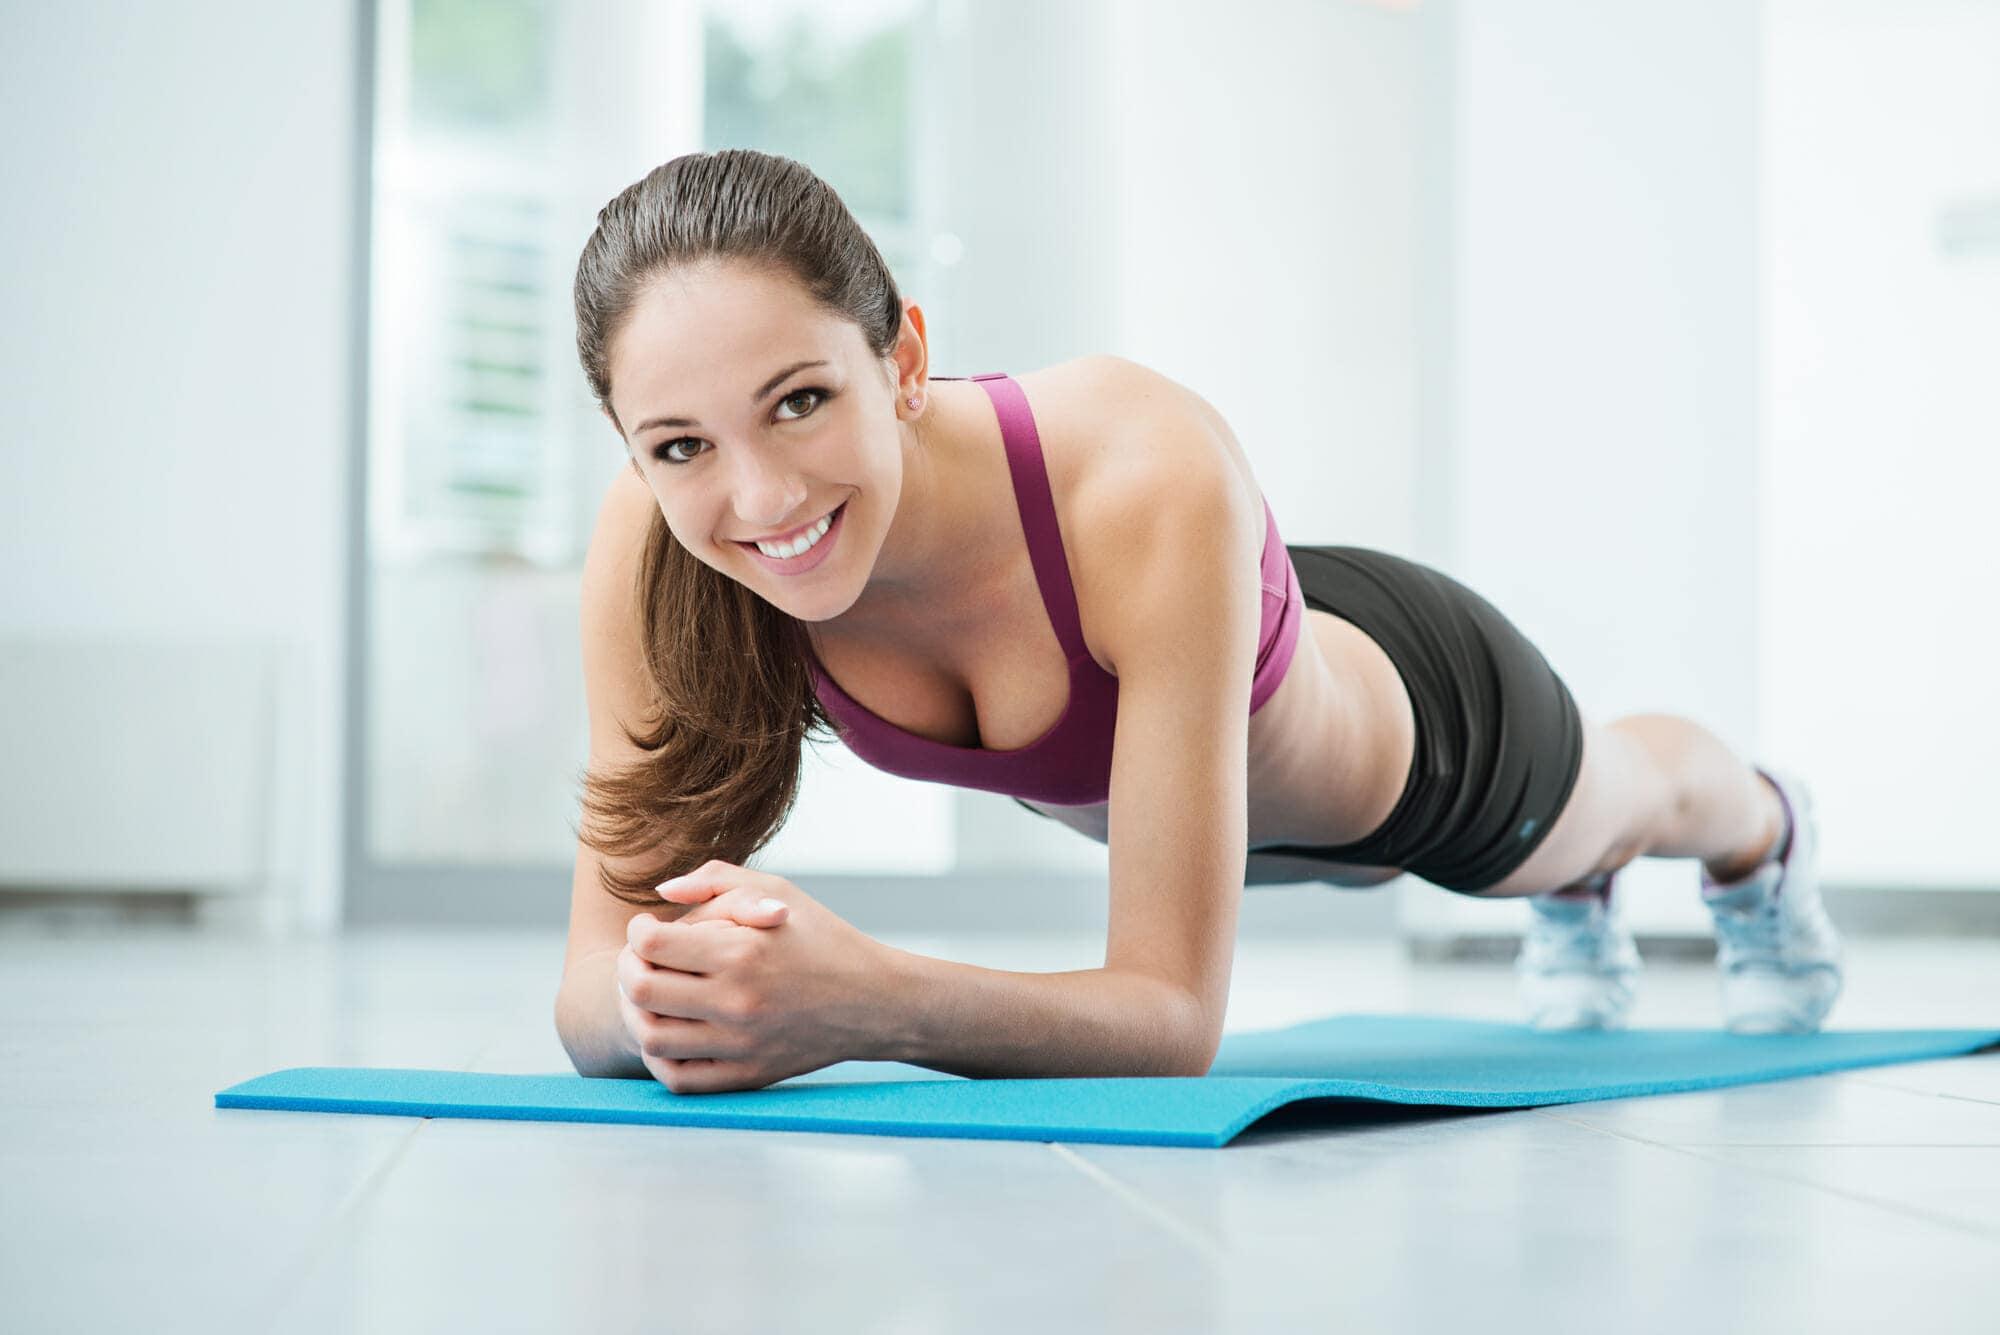 Занятие фитнесом дома смотреть